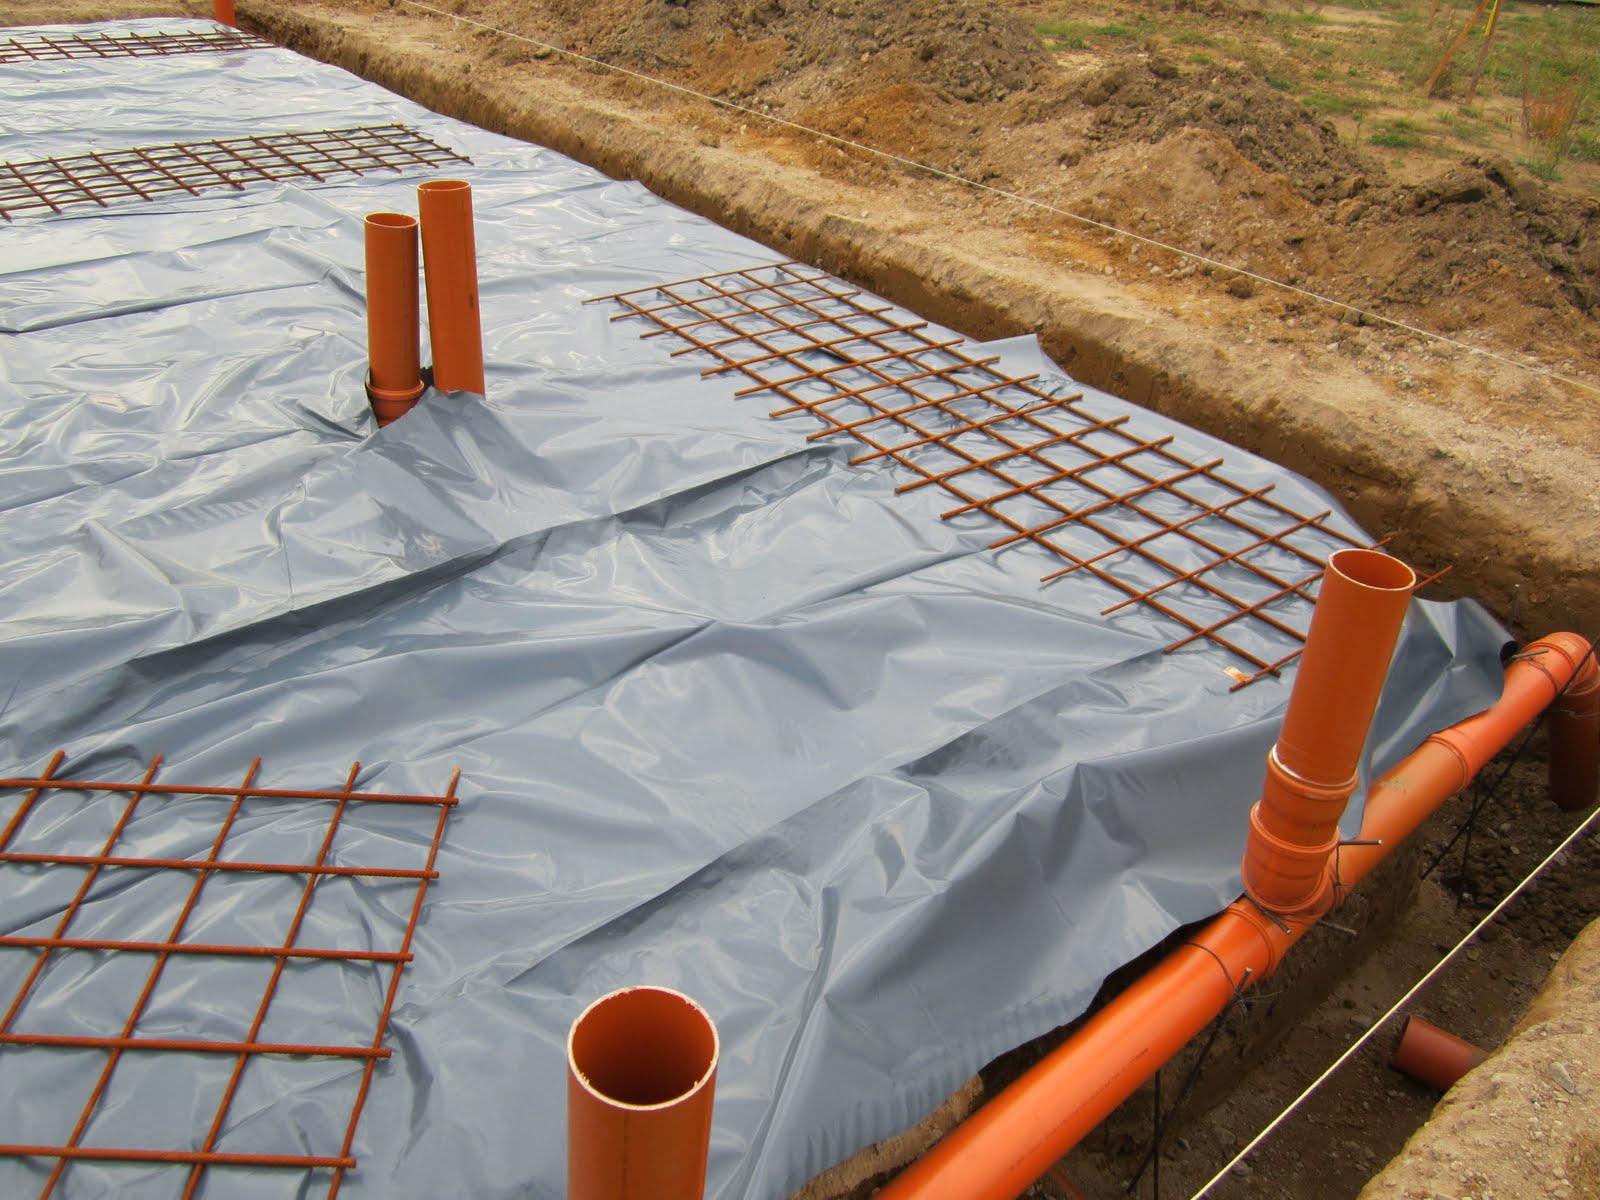 unser hausbau: vorbereitung fundament und verlegen der rohre